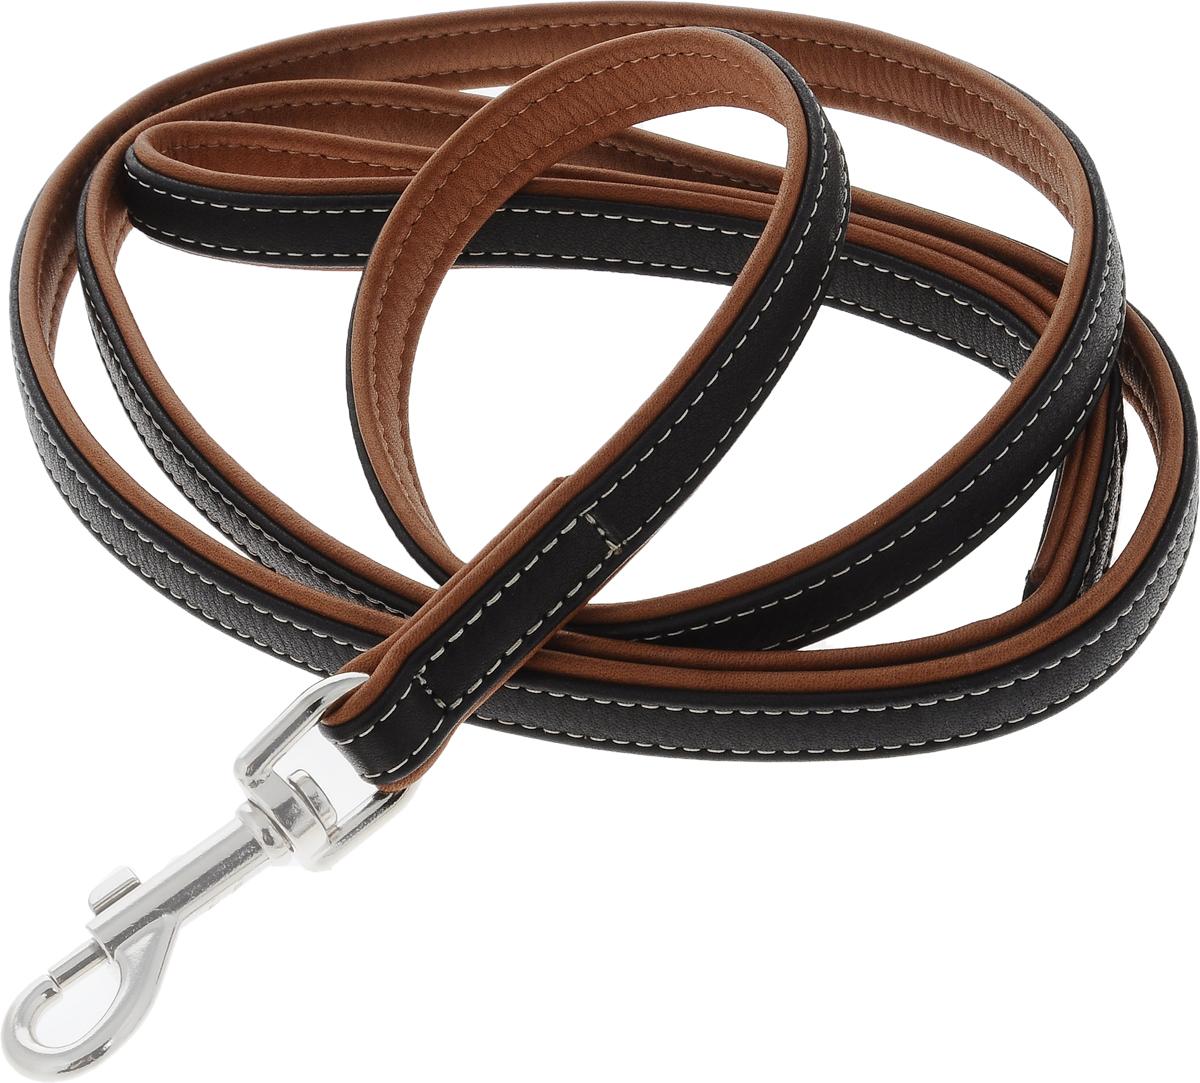 Поводок для собак CoLLaR SOFT, цвет: черный, коричневый, ширина 1,8 см, длина 1,83 м2217Поводок для собак CoLLaR SOFT изготовлен из натуральной кожи и снабжен металлическим карабином. Поводок отличается не только исключительной надежностью и удобством, но и оригинальным дизайном. Он идеально подойдет для активных собак, для прогулок на природе и охоты. Поводок - необходимый аксессуар для собаки. Ведь в опасных ситуациях именно он способен спасти жизнь вашему любимому питомцу. Ширина поводка: 1,8 см. Длина поводка: 1,83 м.